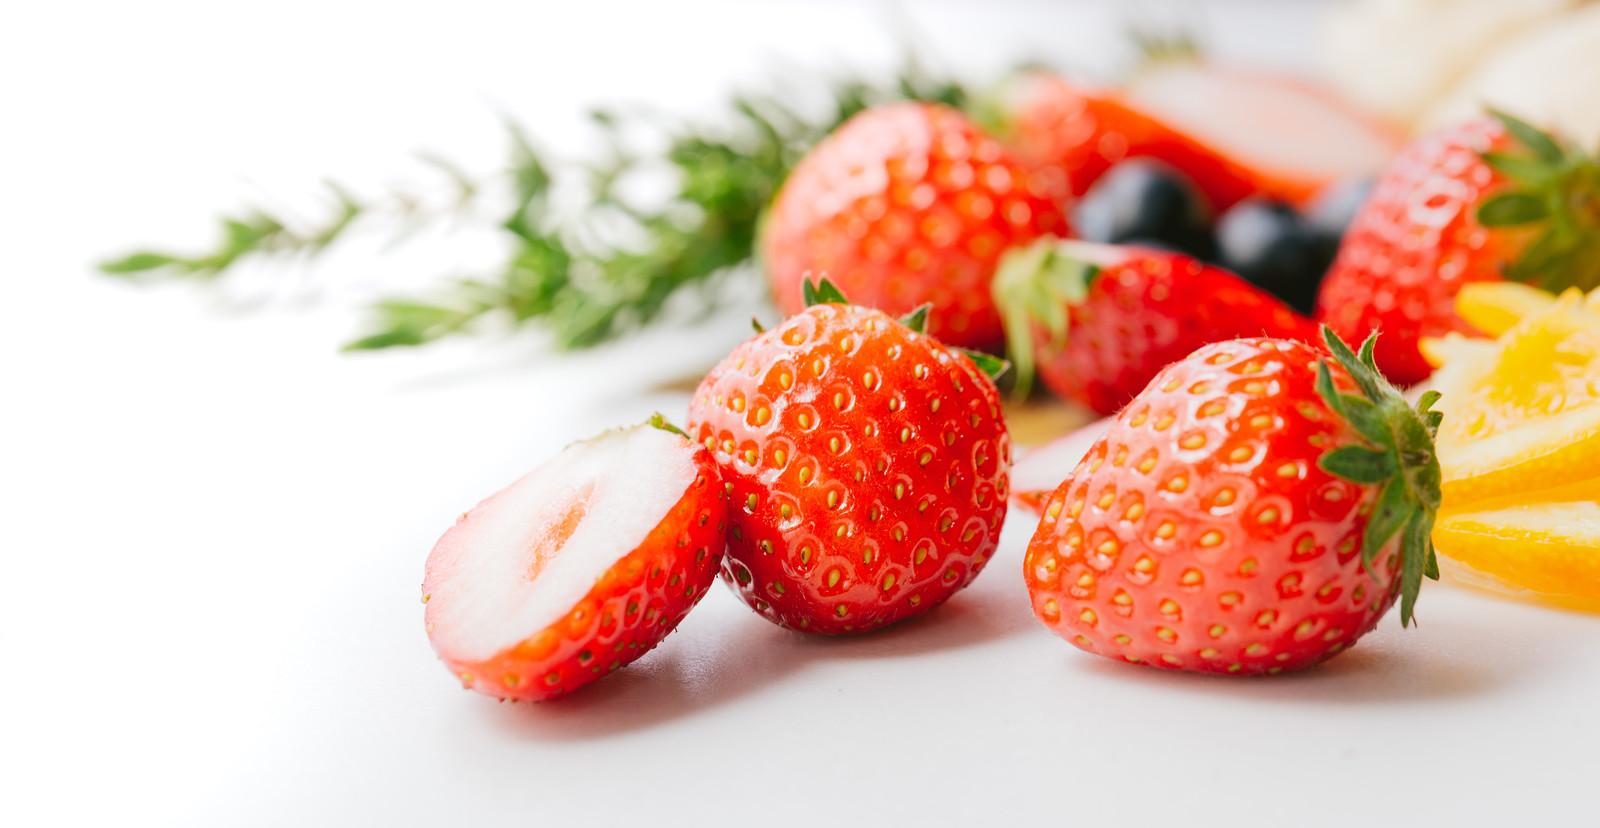 みずみずしいイチゴ。とってもおいしそうですね。